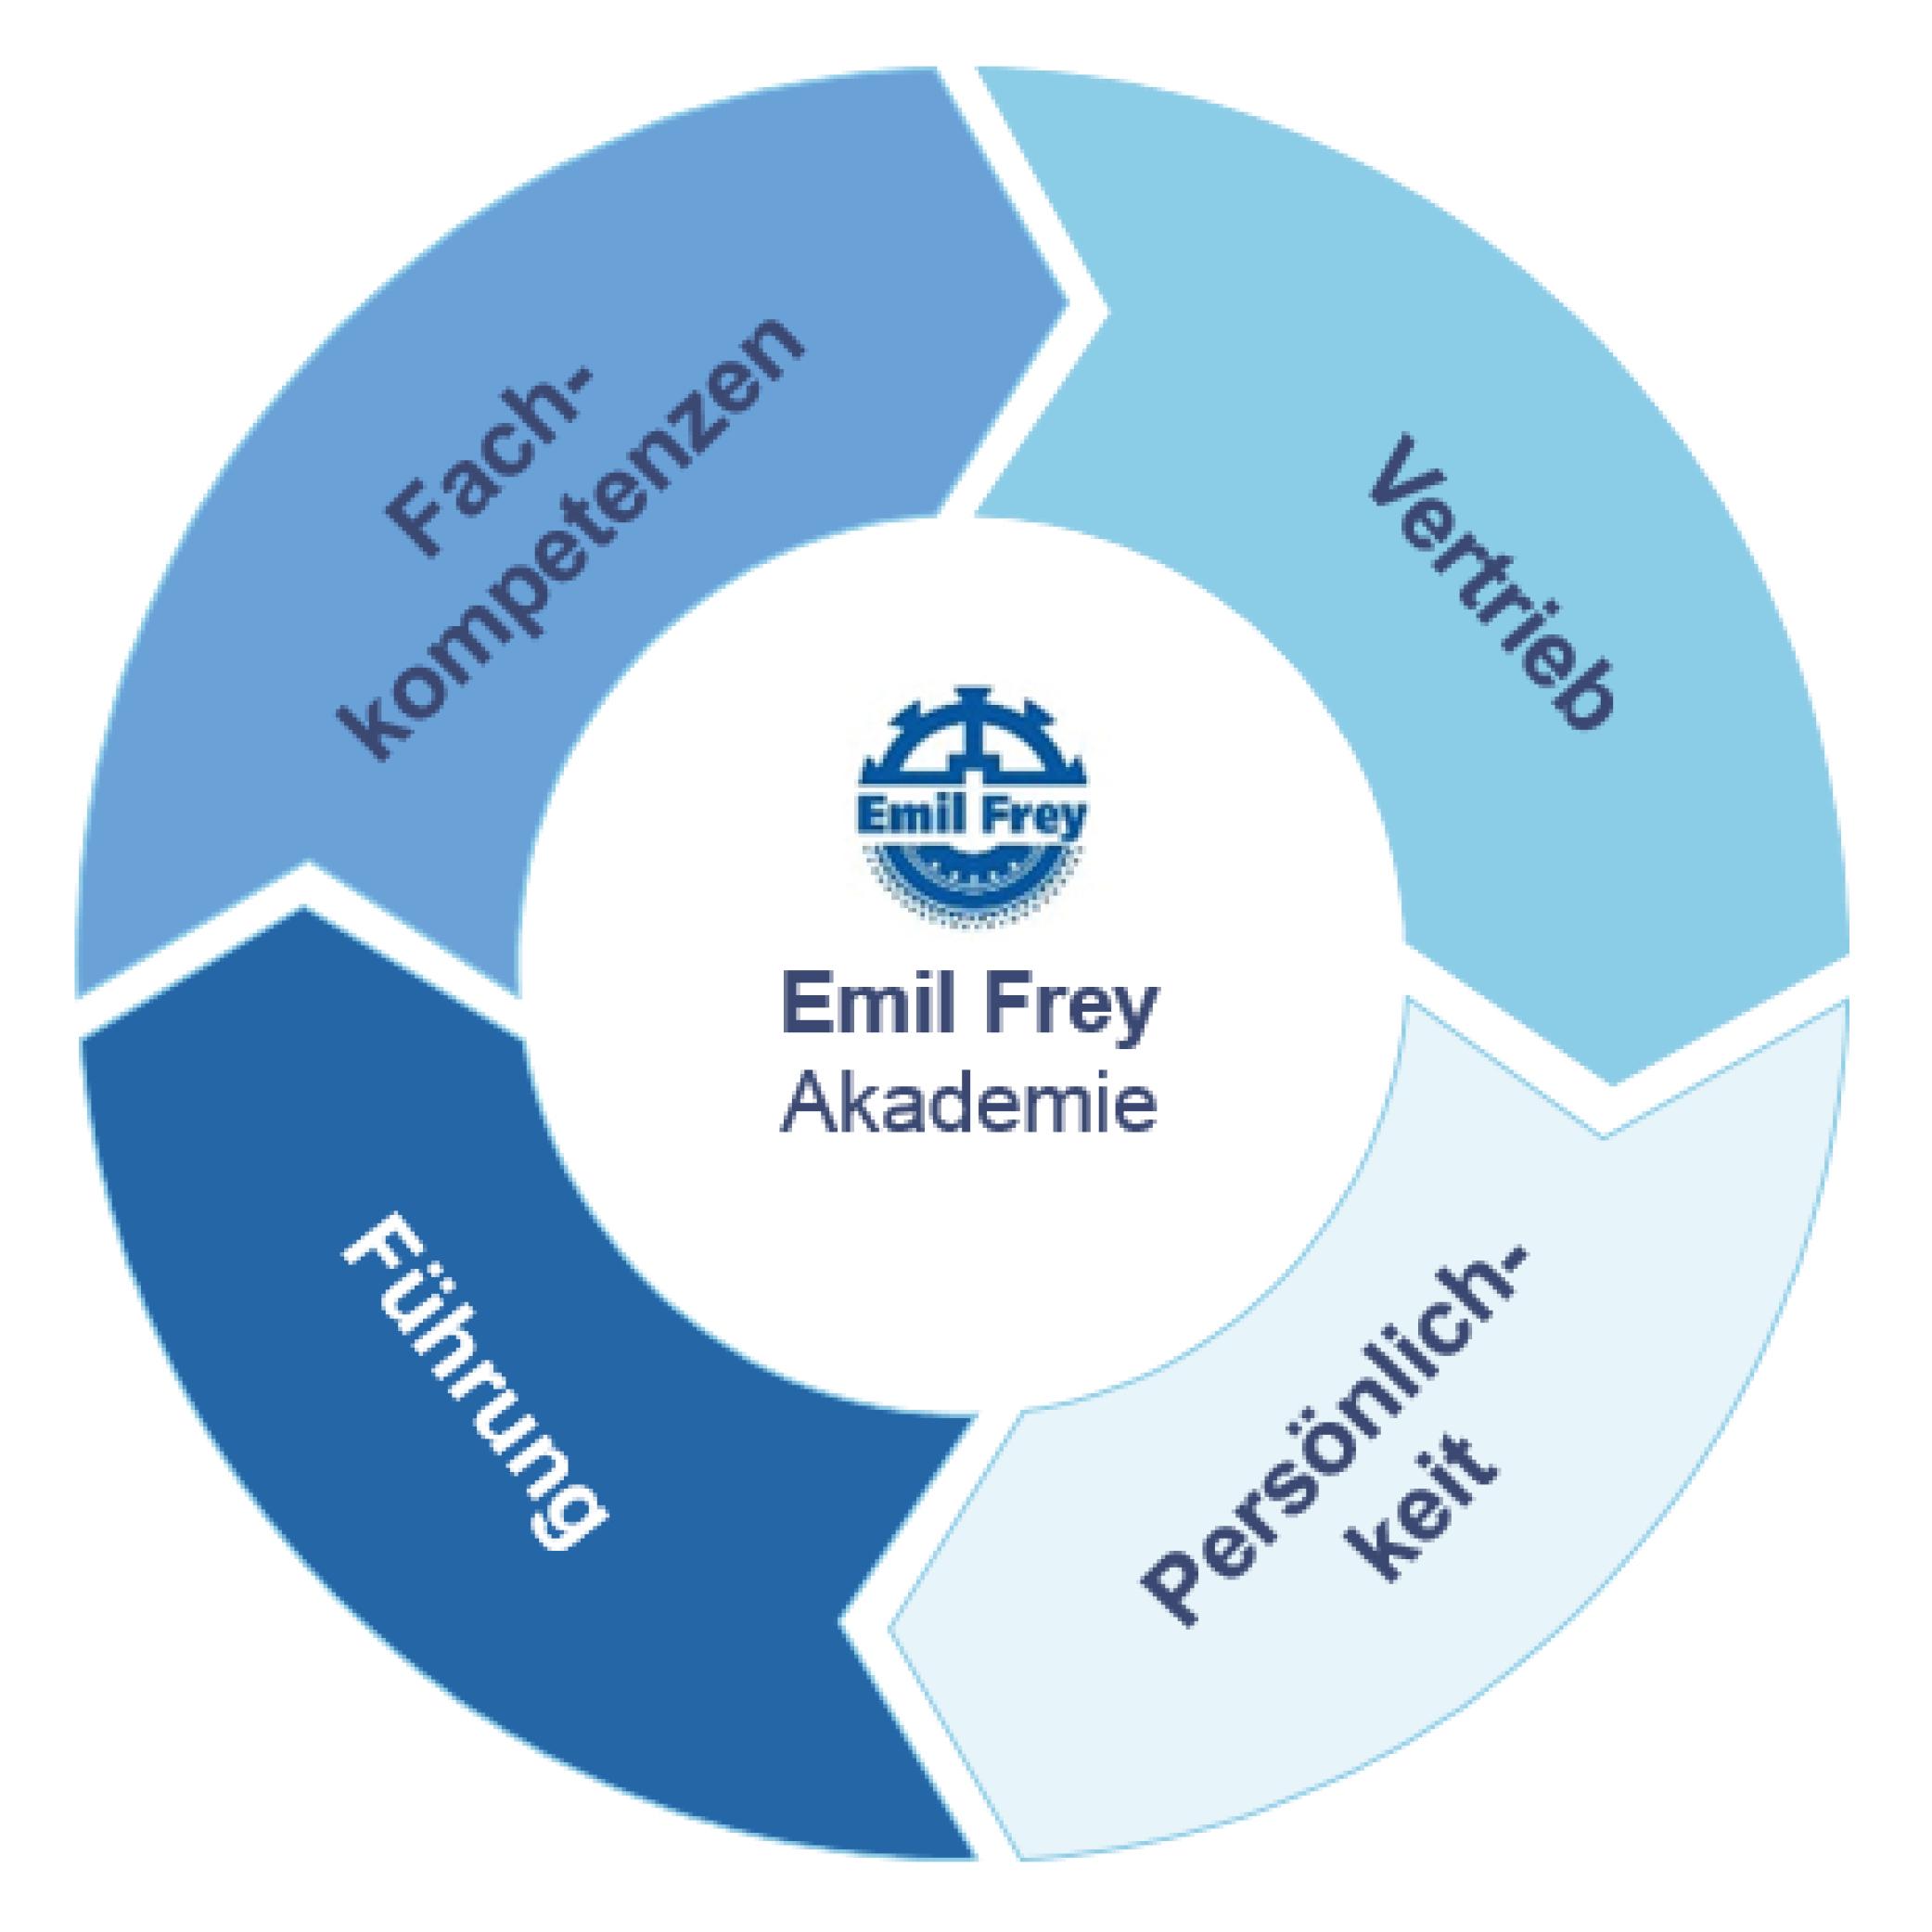 Emil Frey Deutschland: E-Learning-Plattform aufgabe